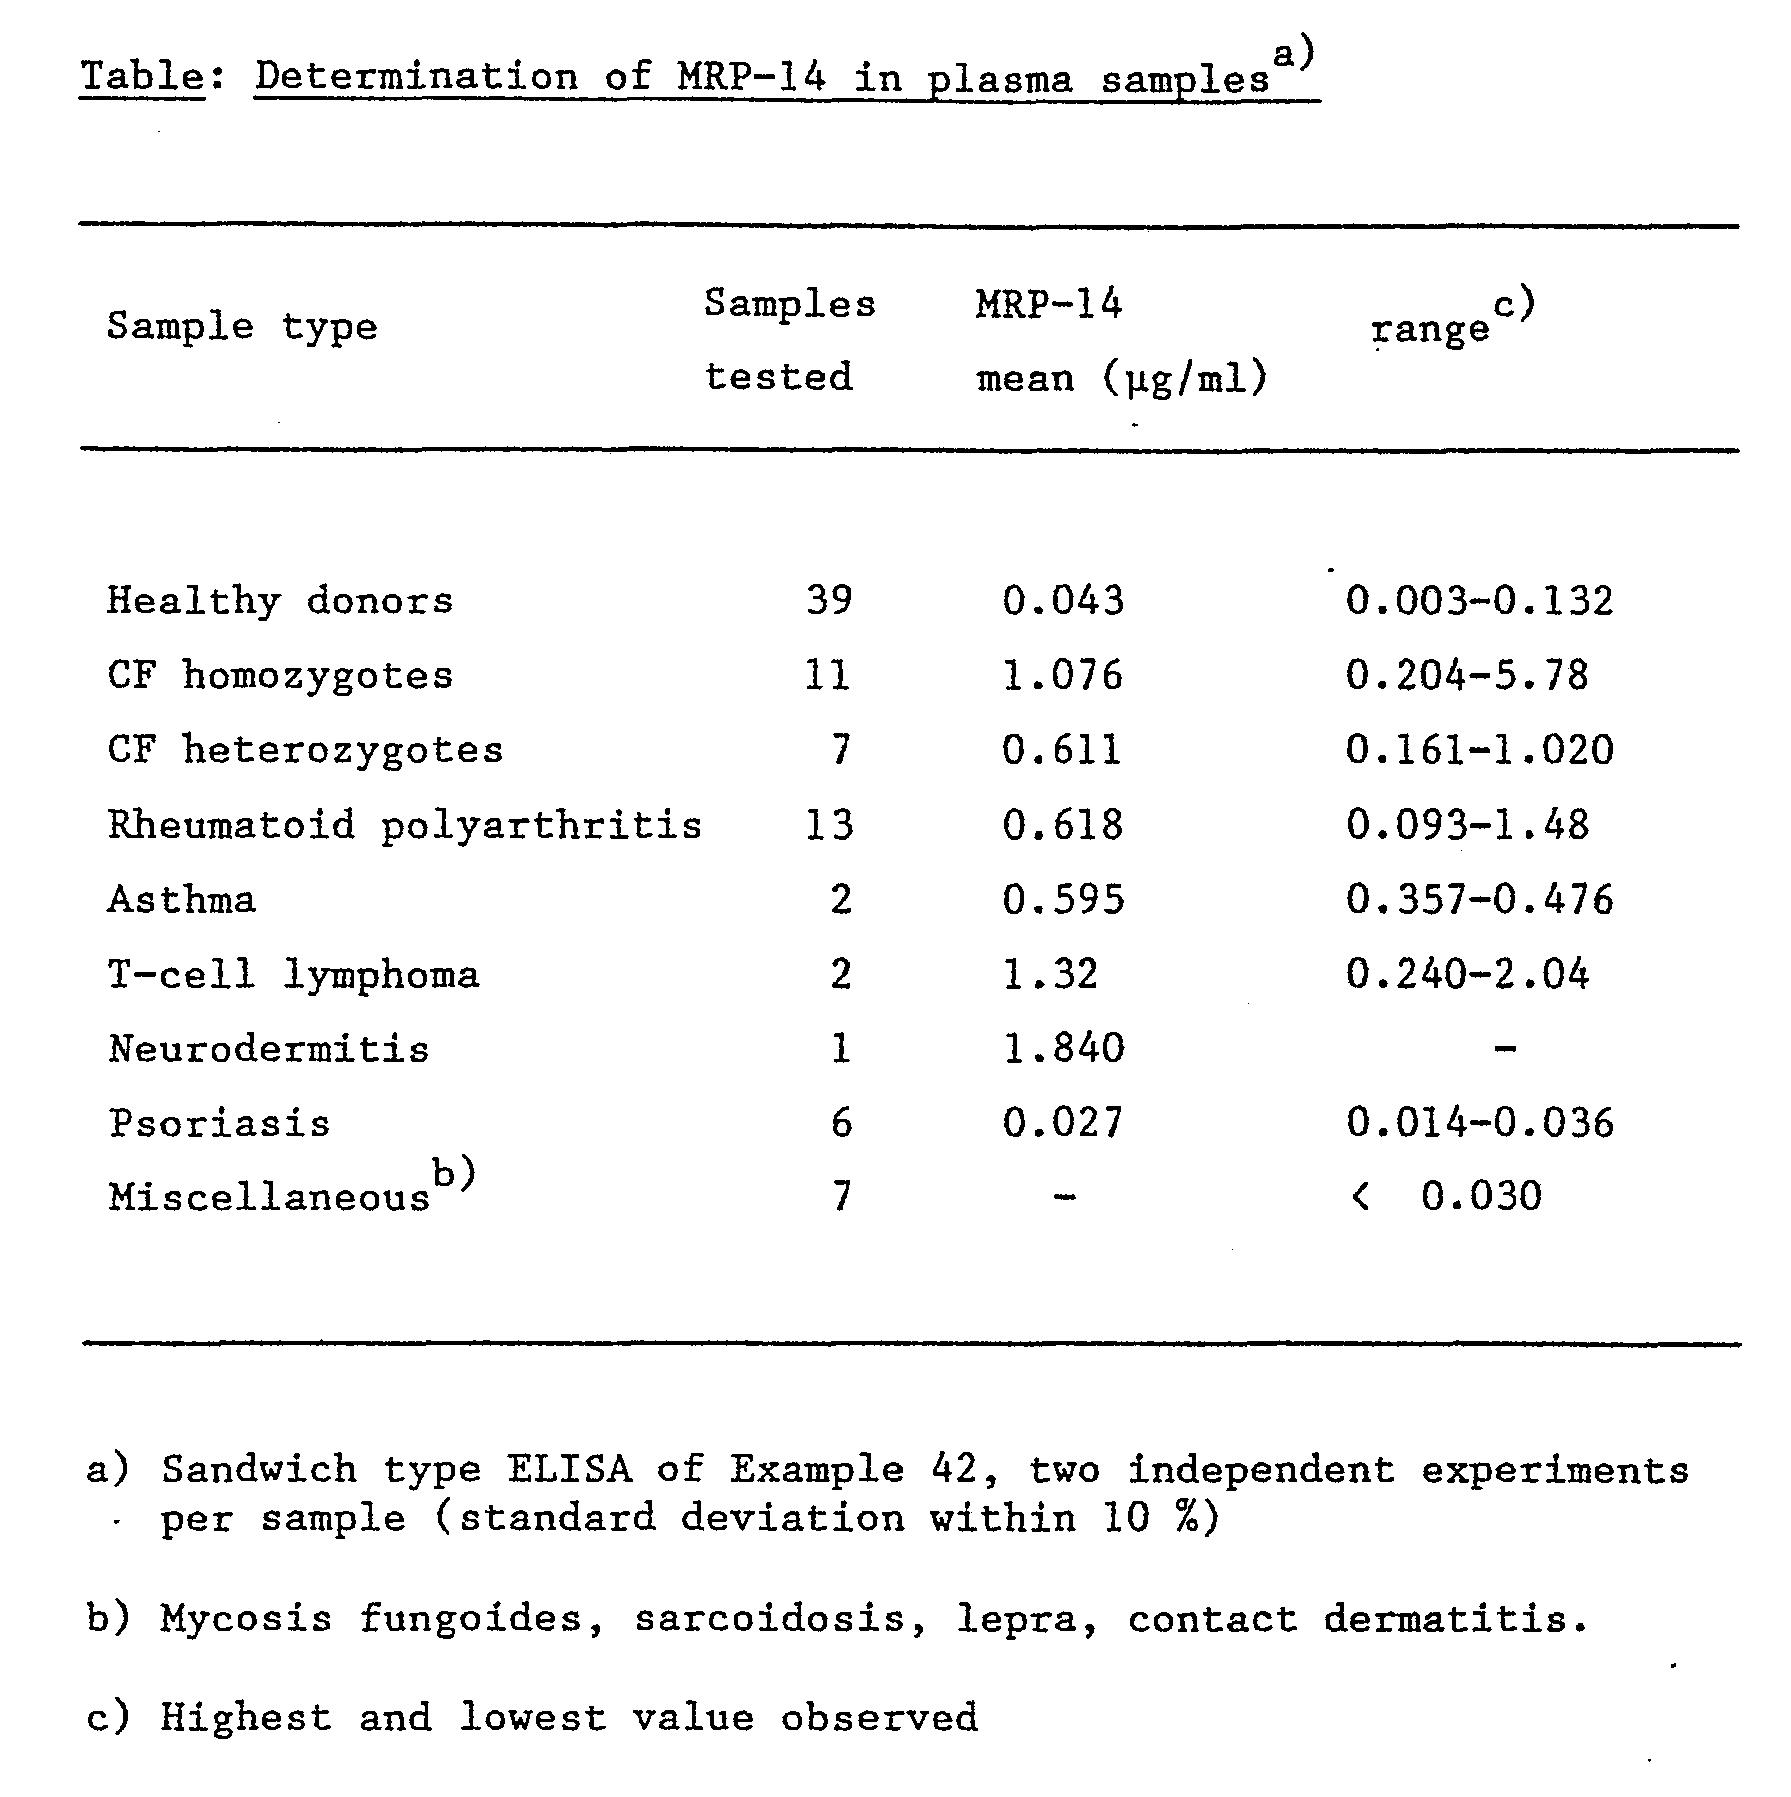 Атопический дерматит у детей и взрослых -